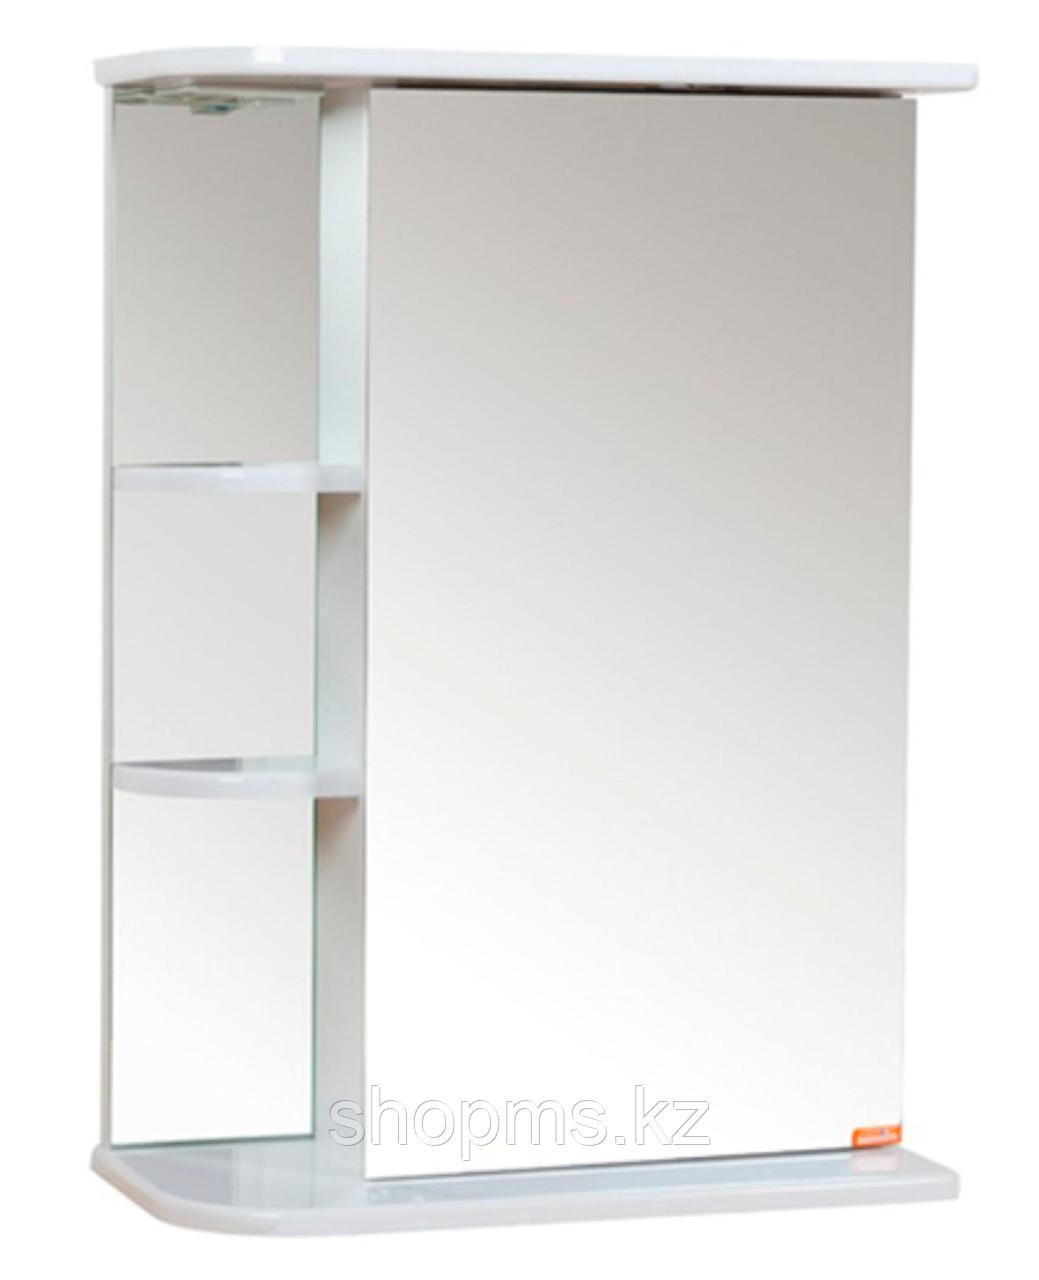 """Зеркало SANITA Самара """"Вега-02"""" 50"""